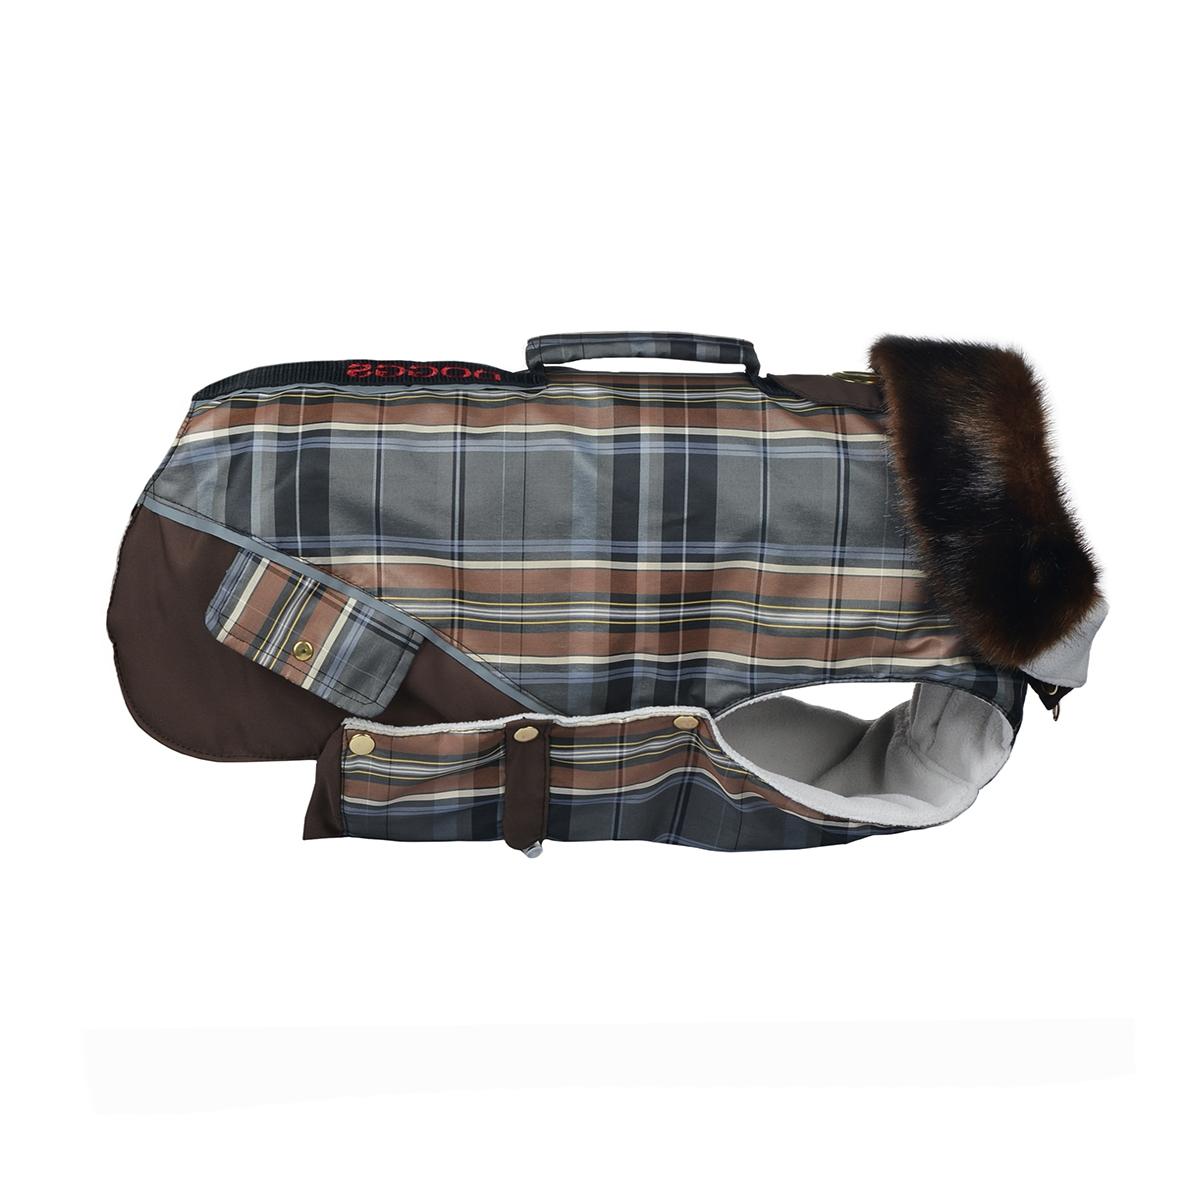 Попона для собак Dogmoda Doggs, для девочки, цвет: коричневый. Размер XLDM-140551_коричневаяТеплая попона для собак Dogmoda Doggs отлично подойдет для прогулок в холодное время года. Попона изготовлена из водоотталкивающего полиэстера, защищающего от ветра и осадков. Синтепоновый утеплитель сохранит тепло даже в сильные морозы и обеспечит уют во время зимних прогулок. На подкладке используется флис, который обеспечивает воздухообмен. Попона не имеет рукавов, поэтому не ограничивает свободу движений, и собака будет чувствовать себя в ней комфортно. Стильный меховой воротник-стойка на молнии всегда будет обращать на себя восторженное внимание других владельцев собак. Модель застегивается на кнопки. На животе попона затягивается на шнурок-кулиску с зажимом. Спинка декорирована вышитой надписью Doggs, оснащена светоотражающими элементами и ручкой. Модель снабжена непромокаемым карманом для размещения записки с информацией о вашем питомце, на случай если он потеряется. Благодаря такой попоне питомцу будет тепло и комфортно.